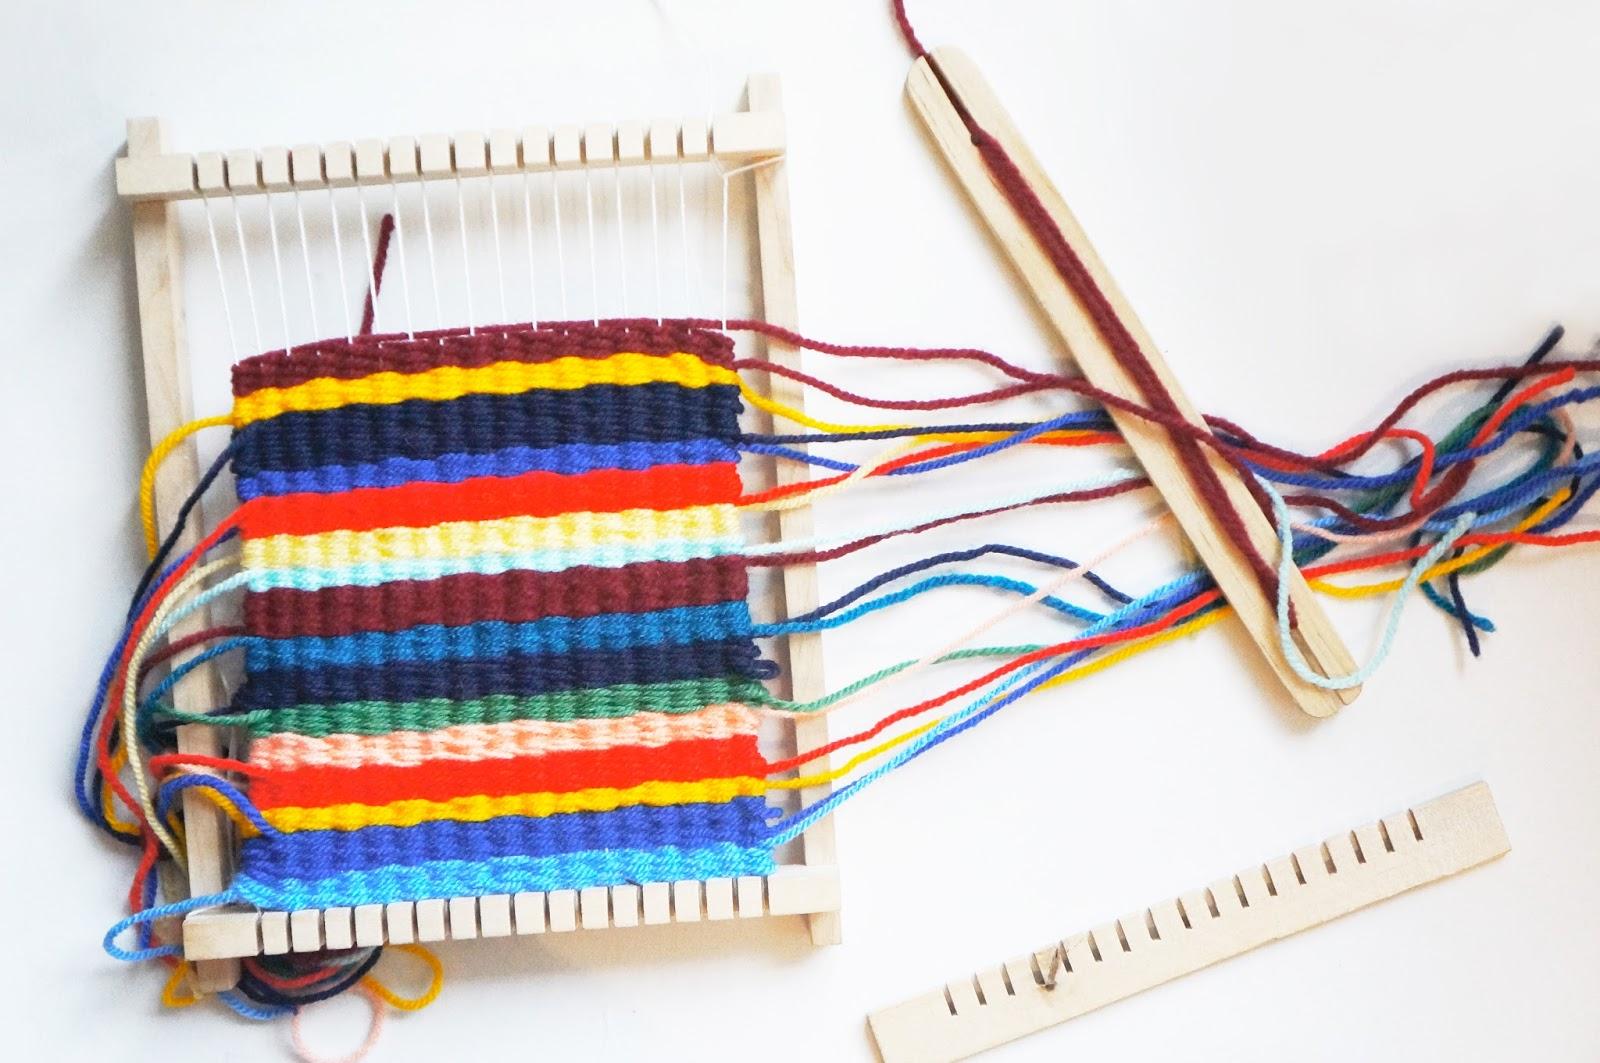 basteln malen Kuchen backen: Taschen weben und typisch für meine Farben